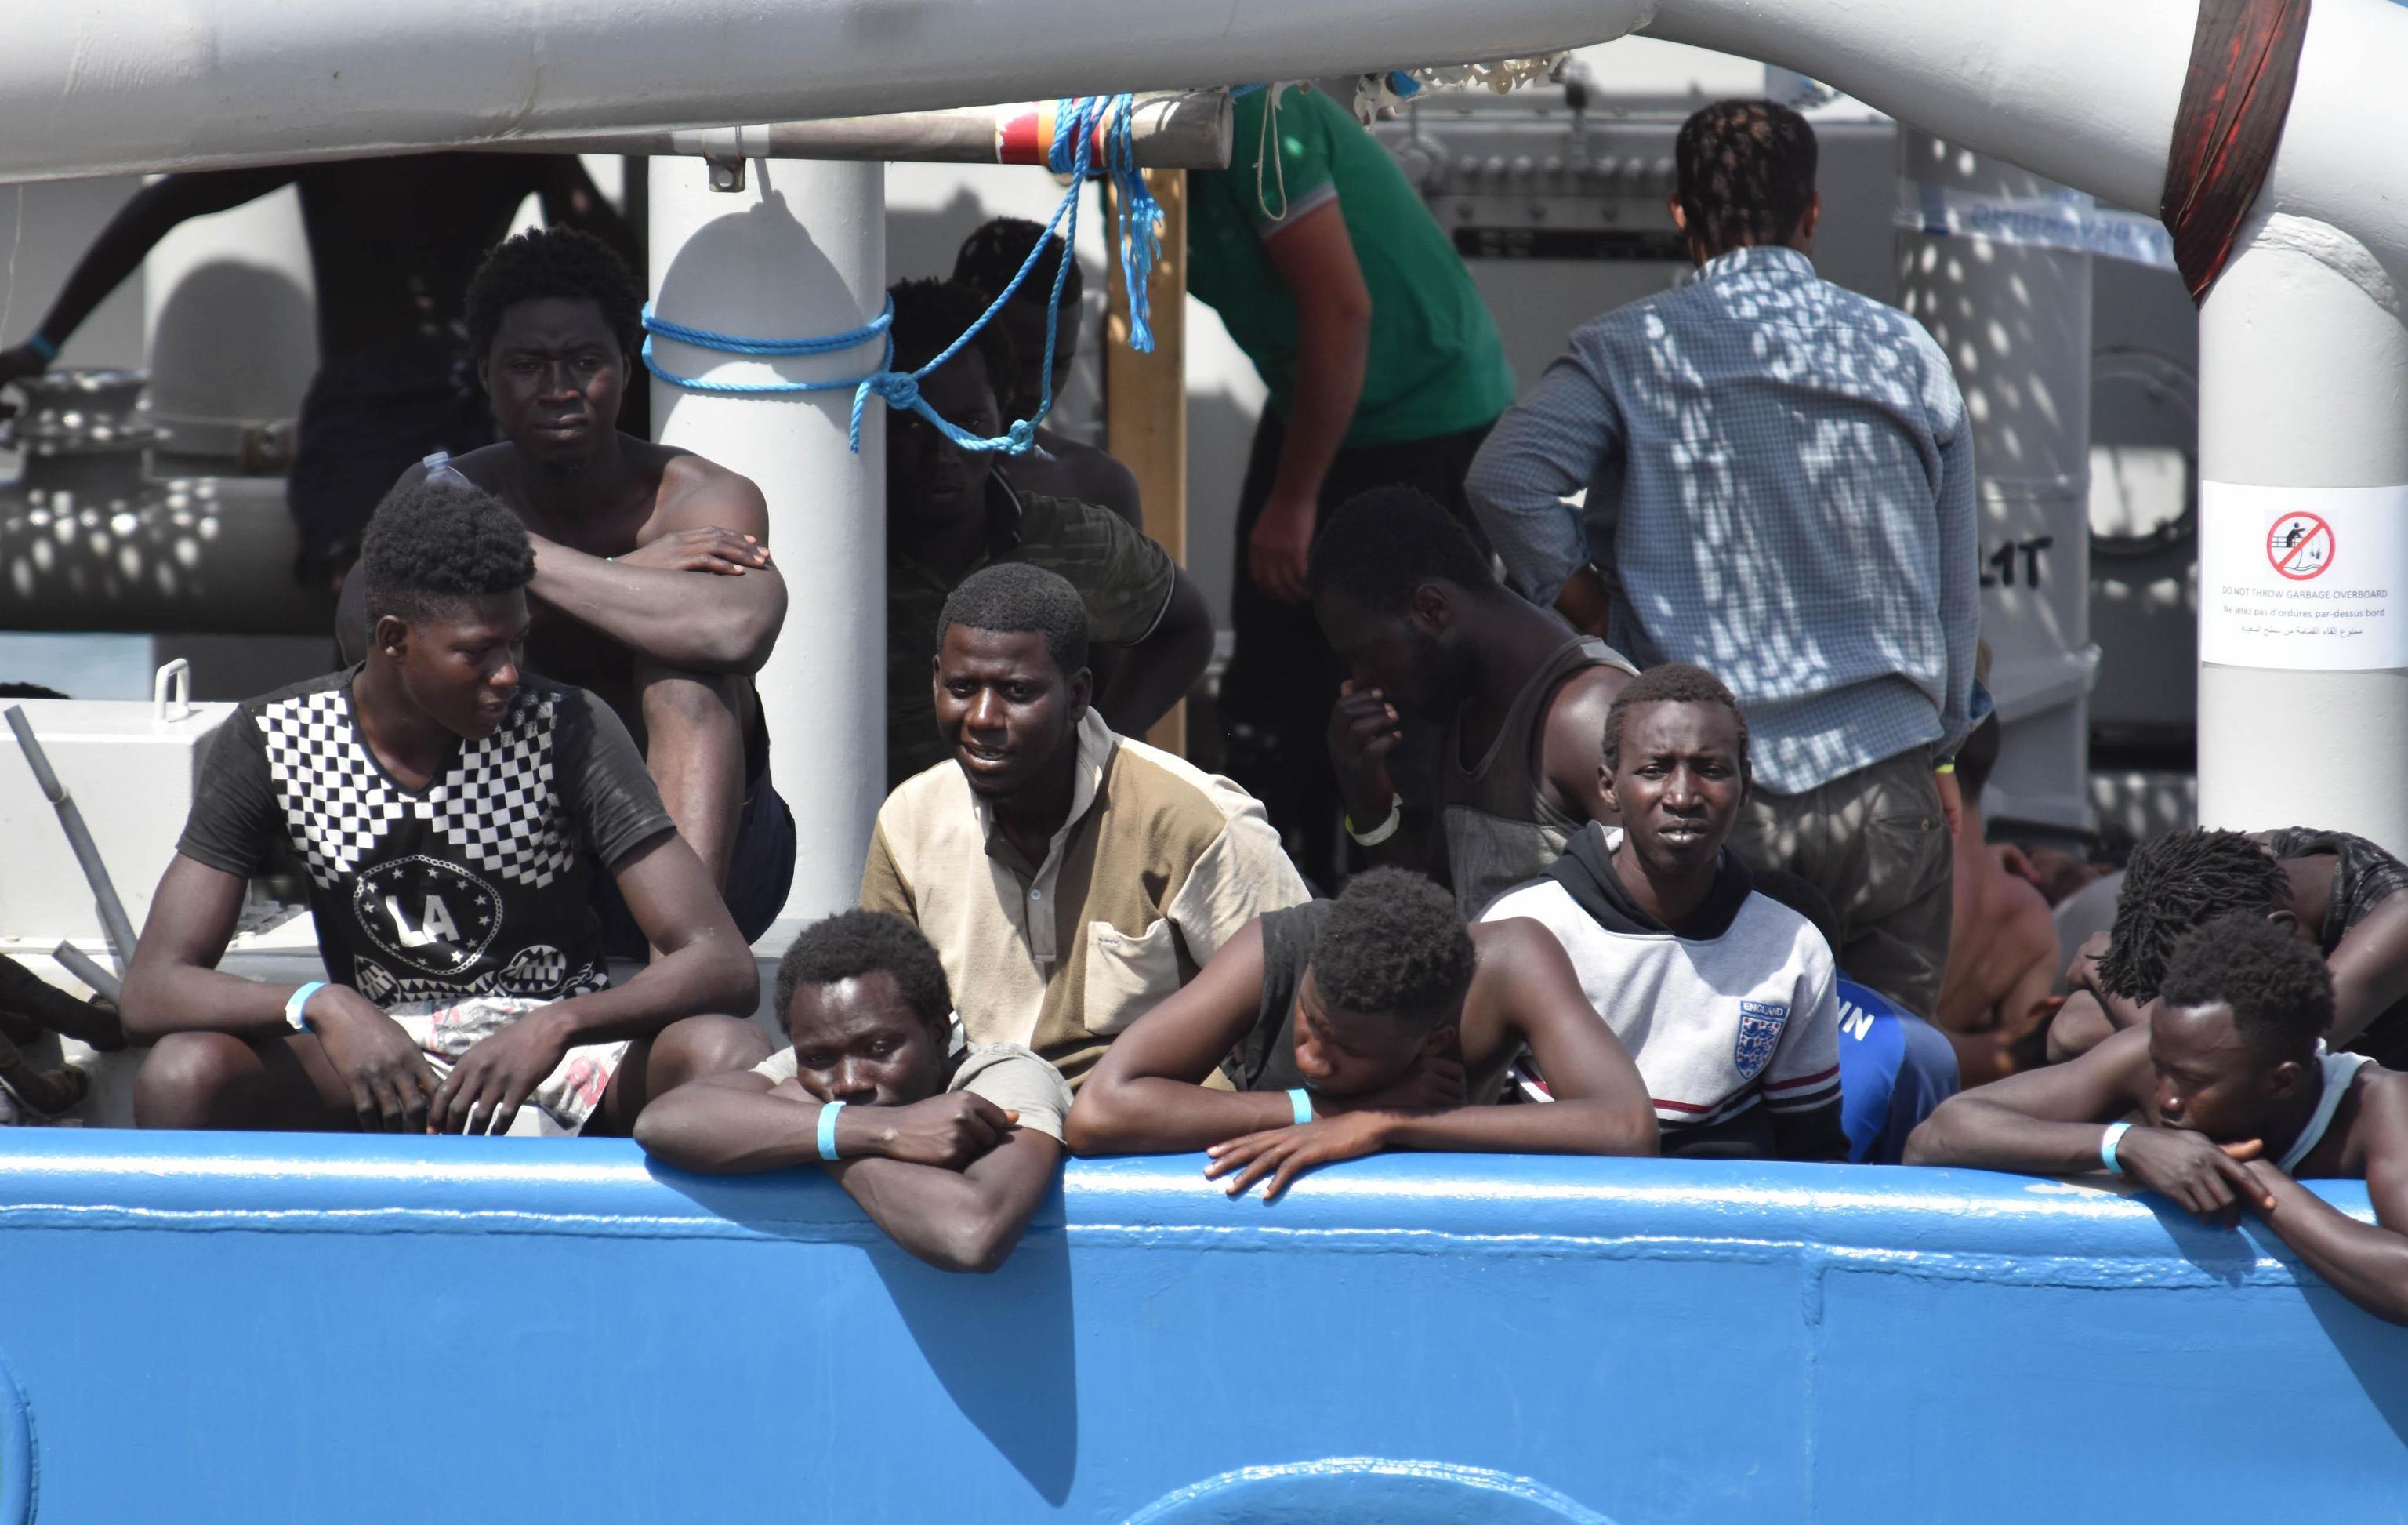 A Catania, con 932 migranti